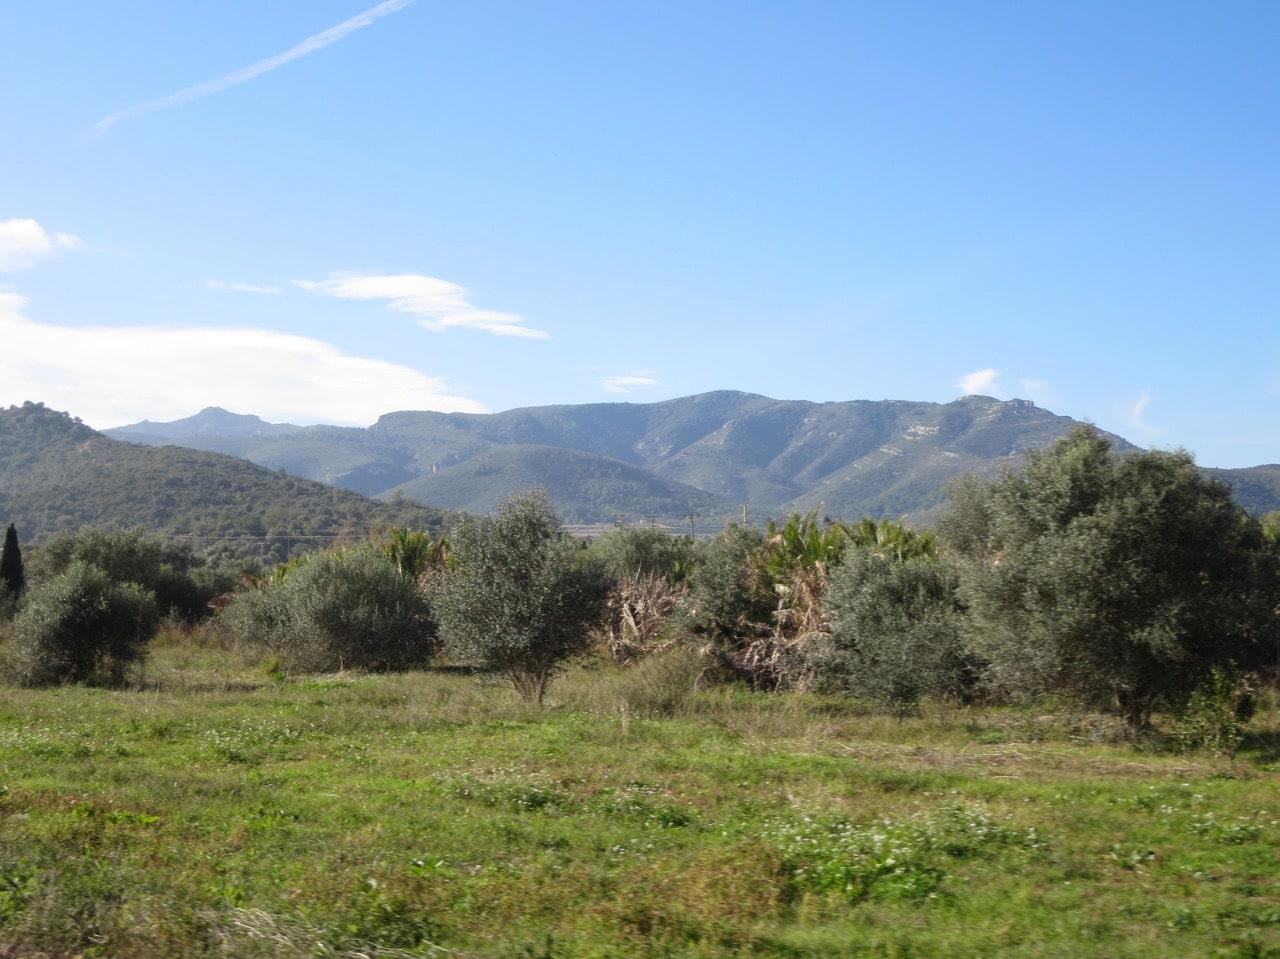 Eine grüne Landschaft im Hintergrund Berge